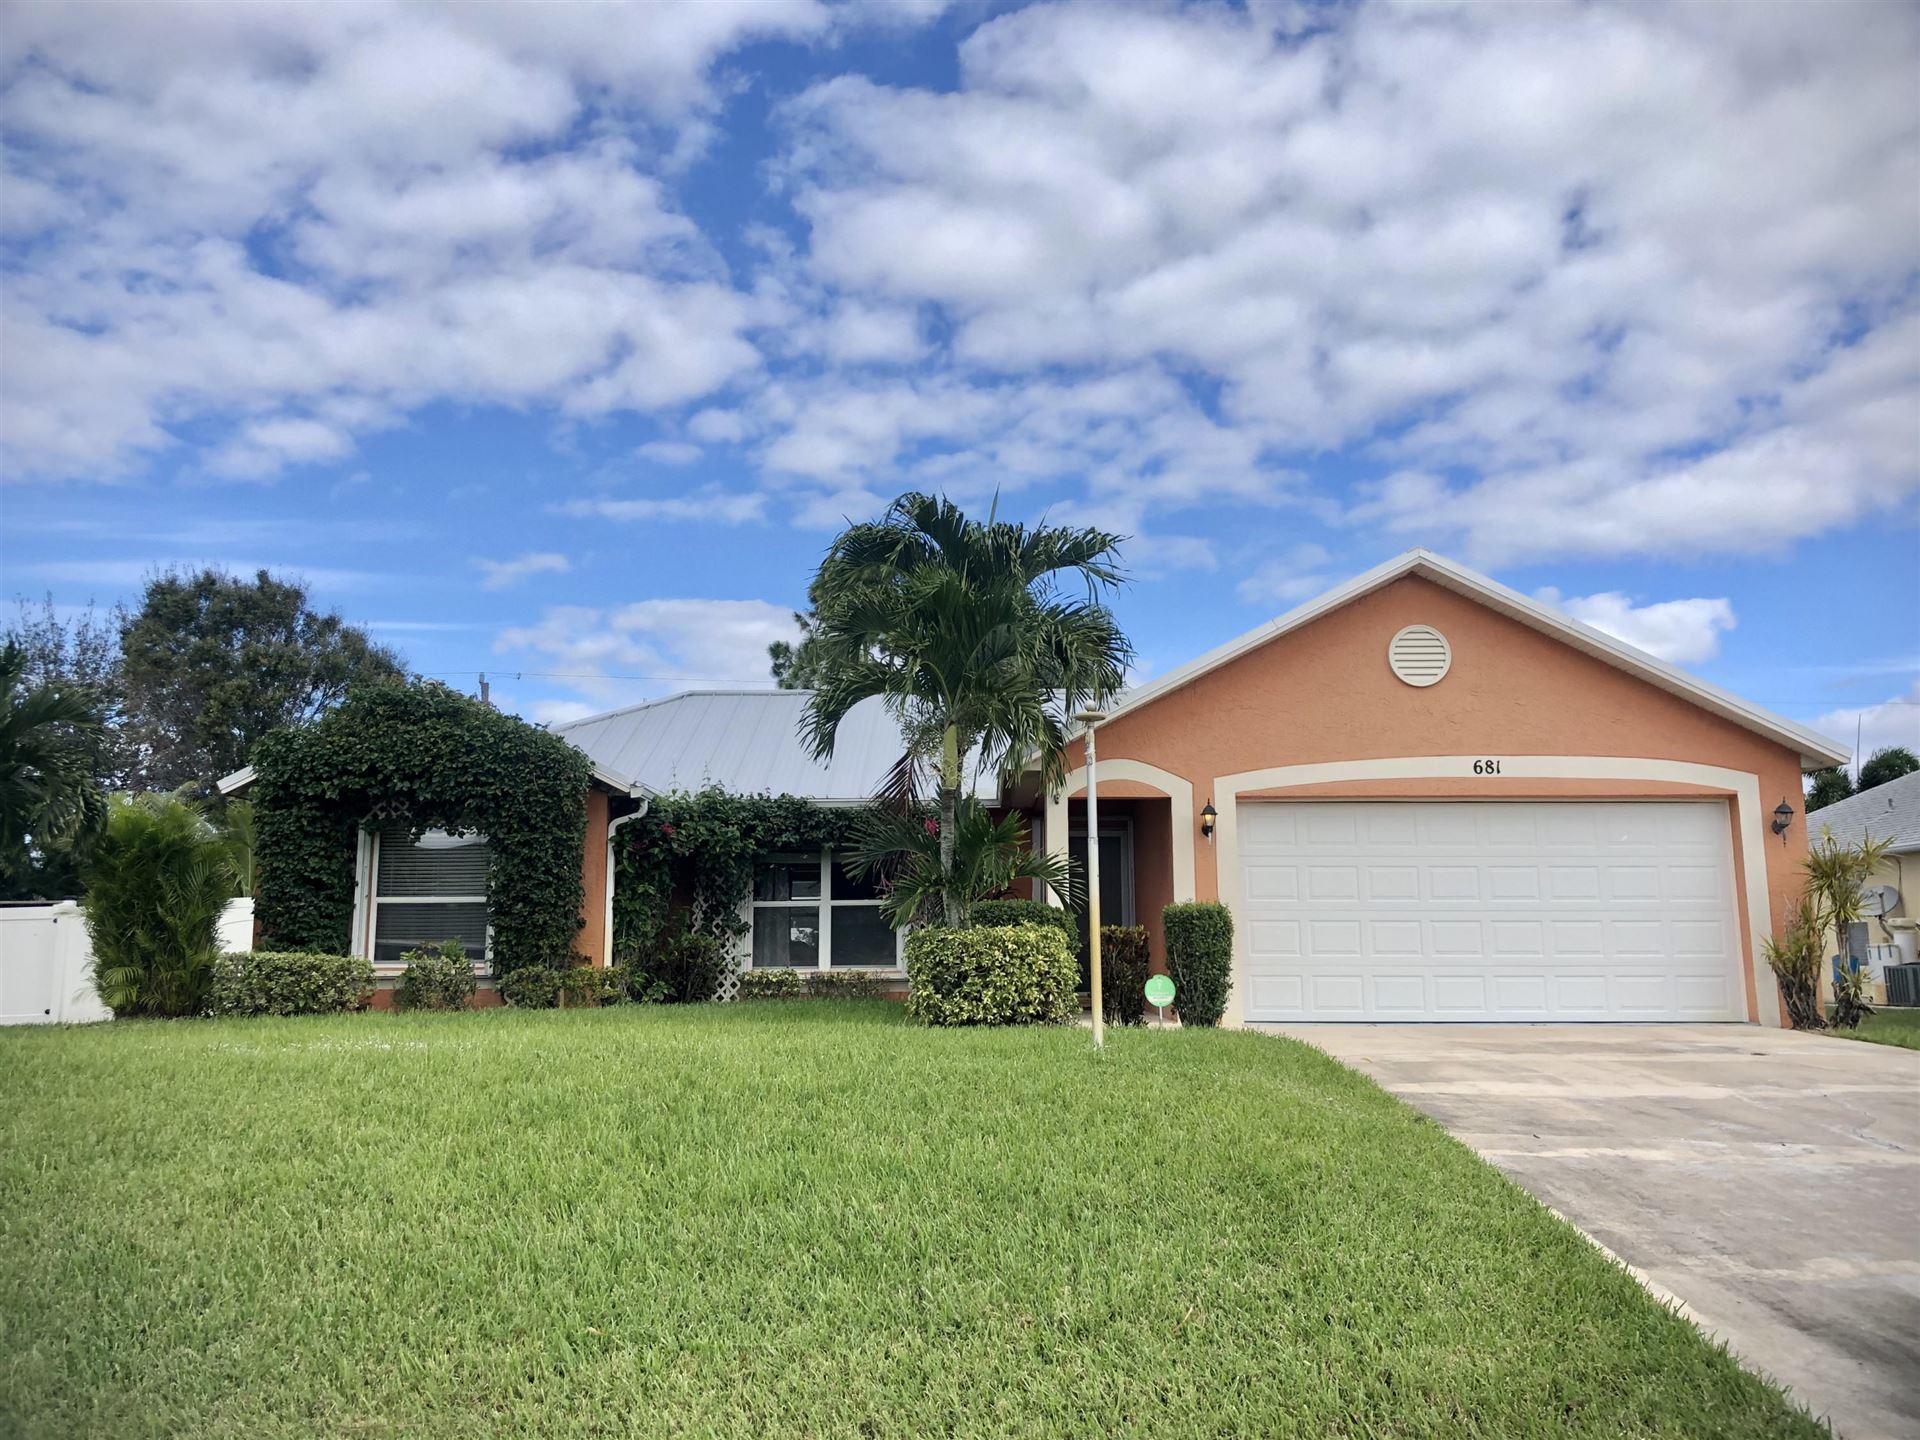 681 SE Streamlet Avenue, Port Saint Lucie, FL 34983 - #: RX-10675635